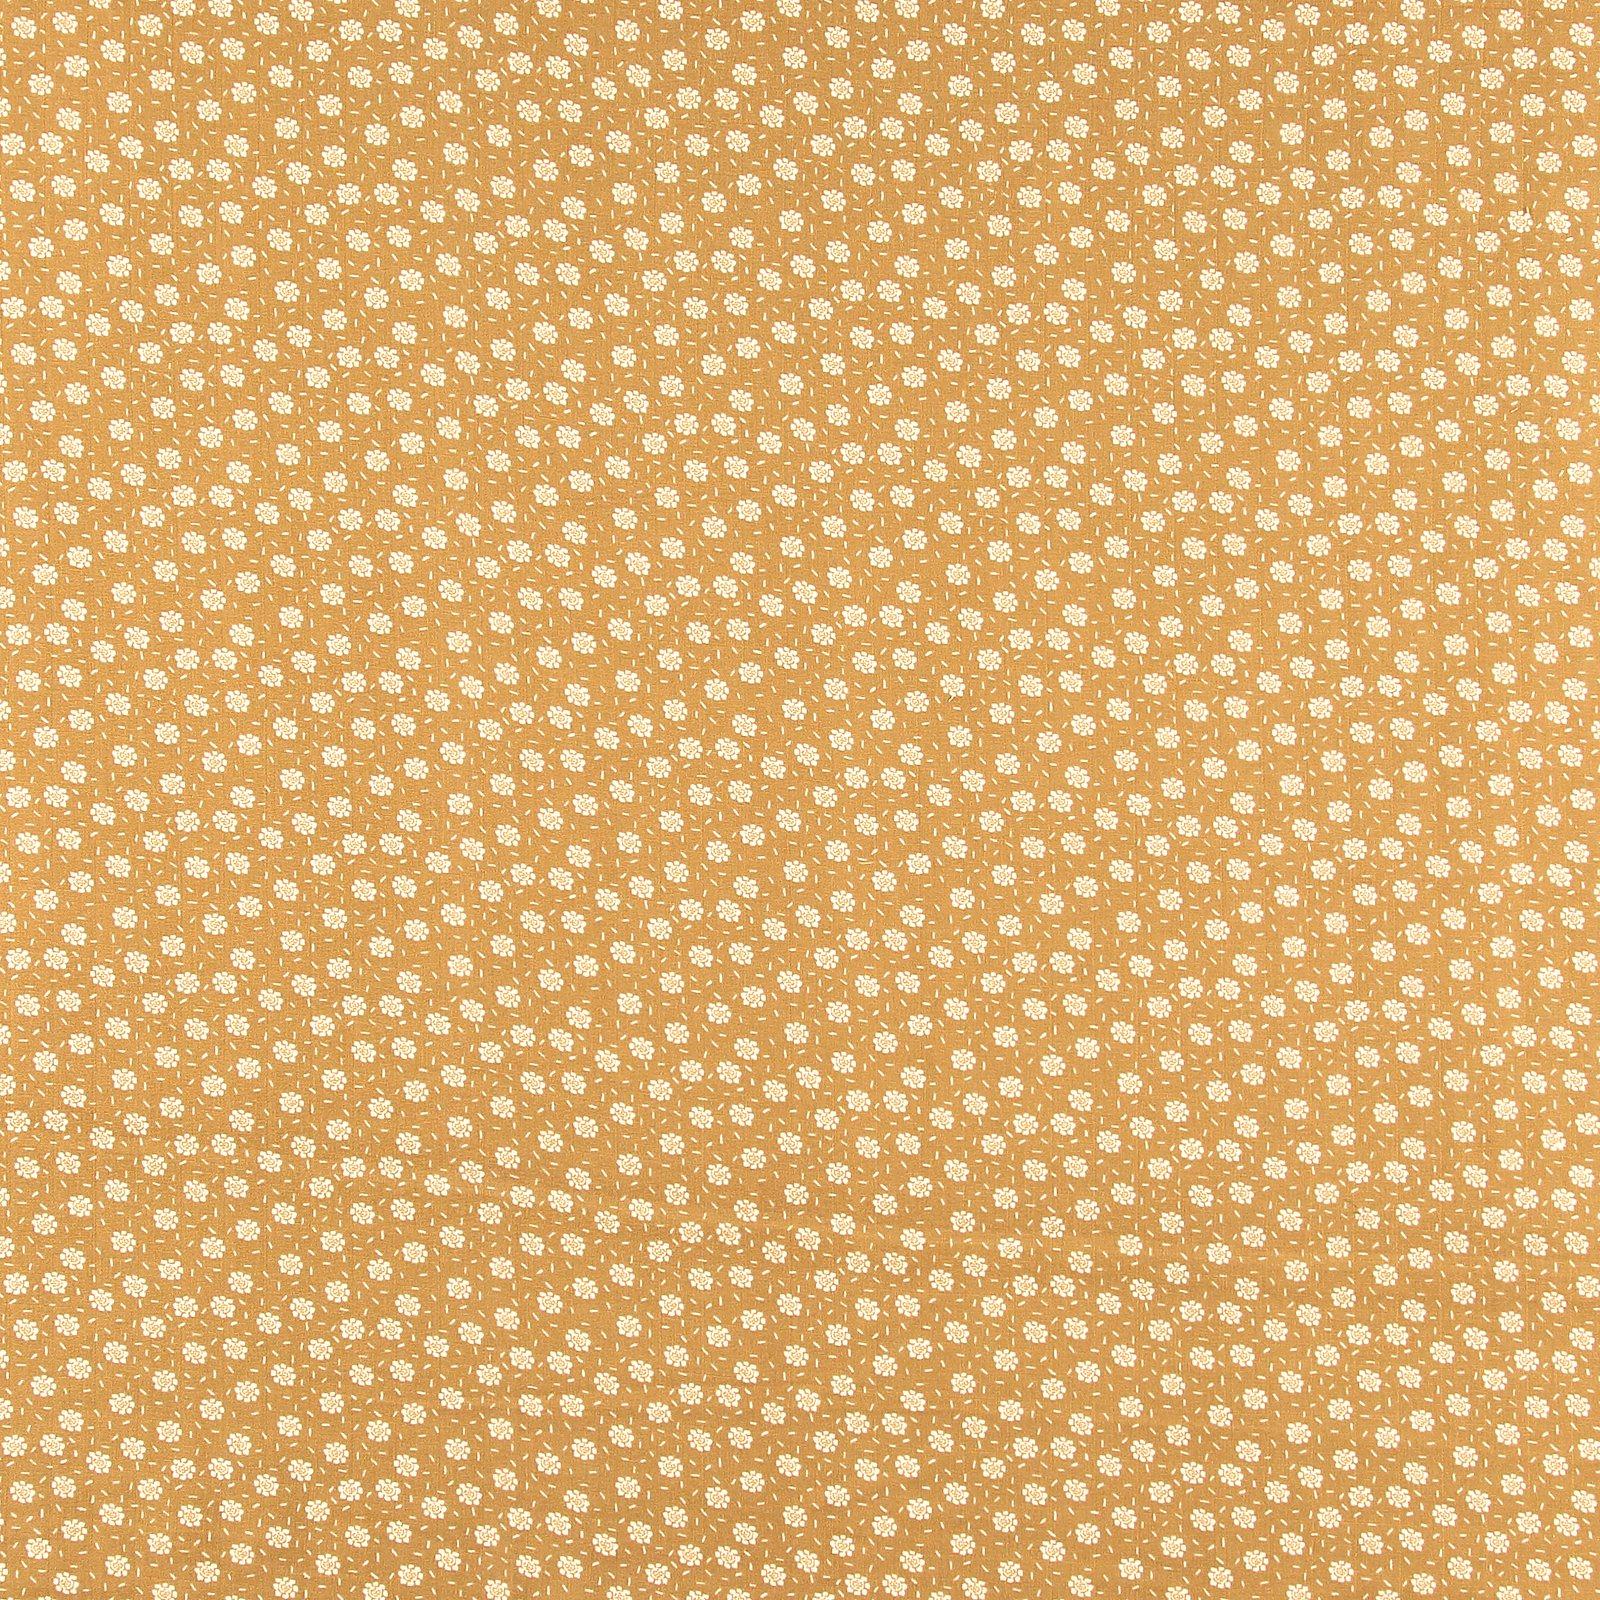 Musselin, Staubcurry mit Blümchen 501690_pack_sp